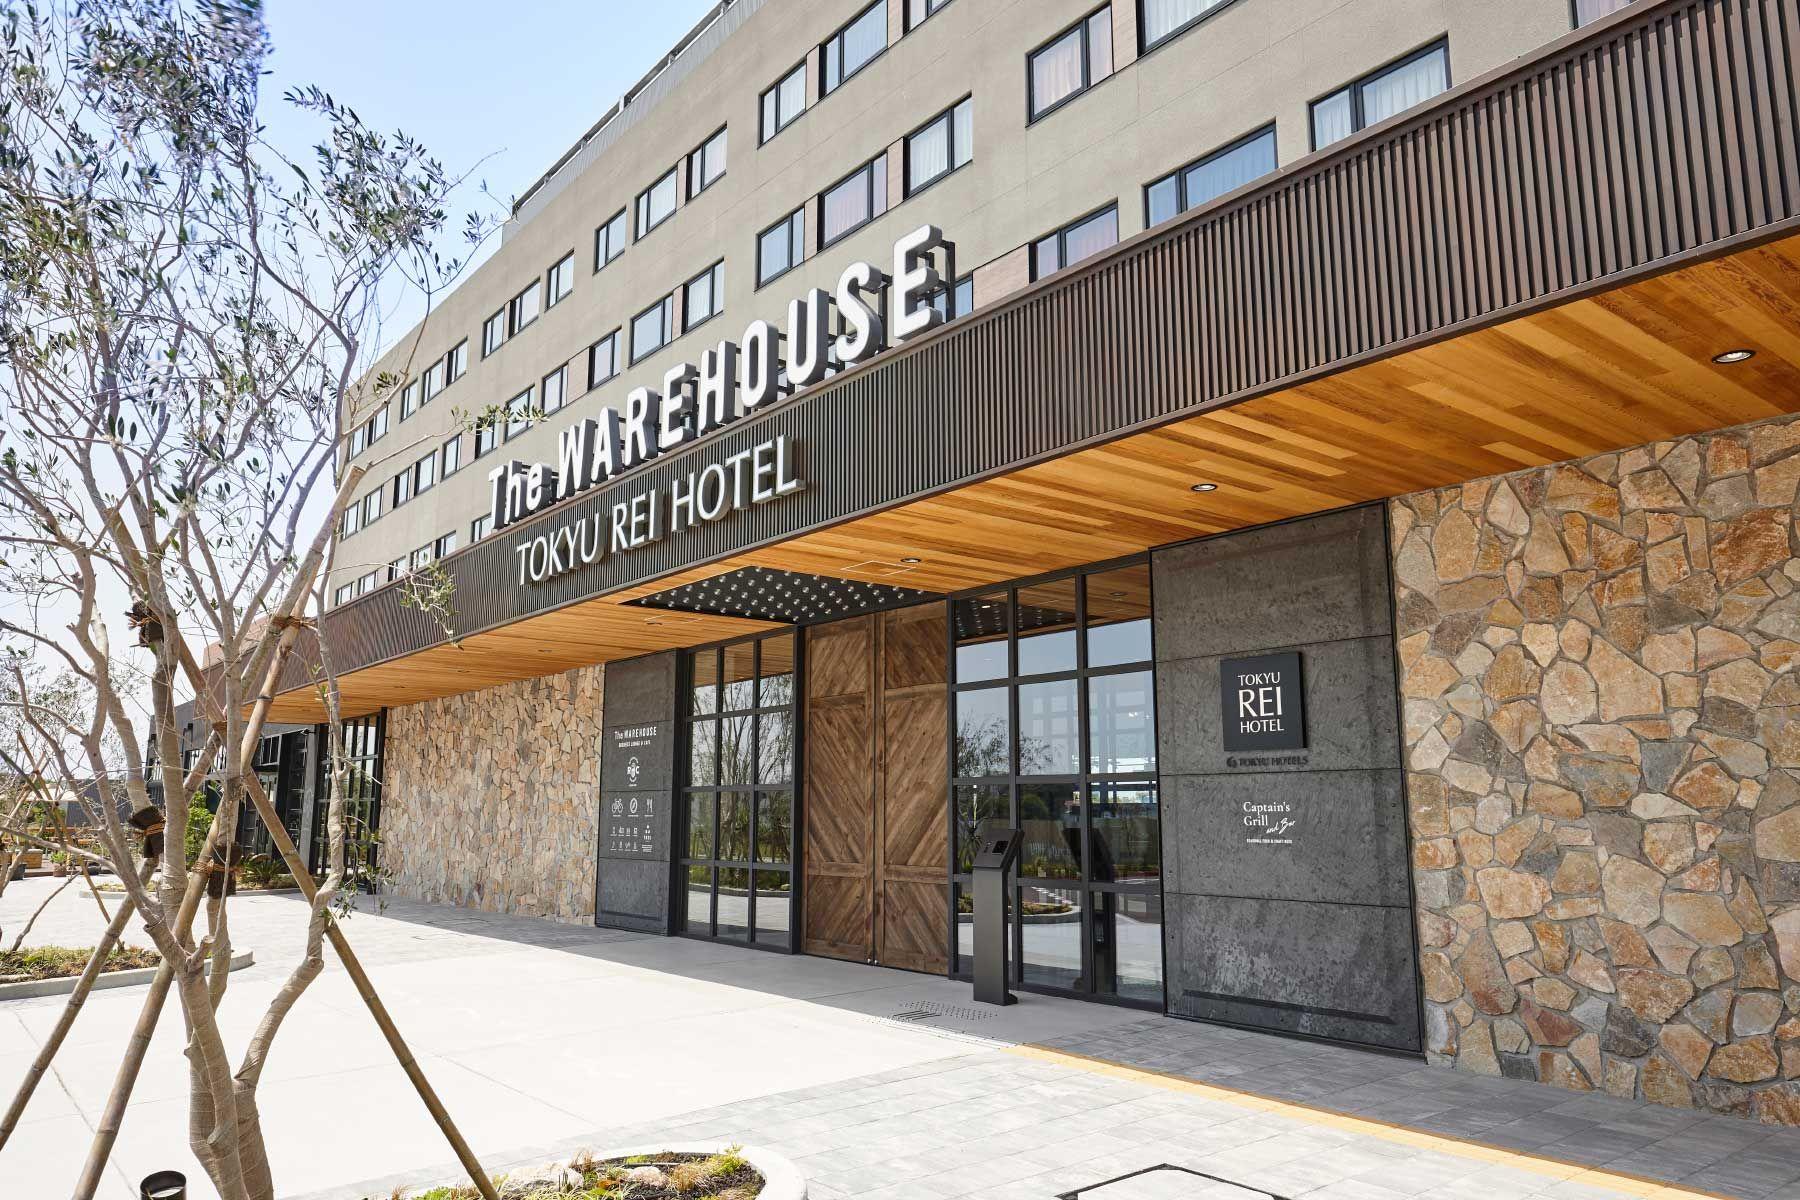 川崎キングスカイフロント東急REIホテル(トウキュウレイホテル)ホテルエントランス